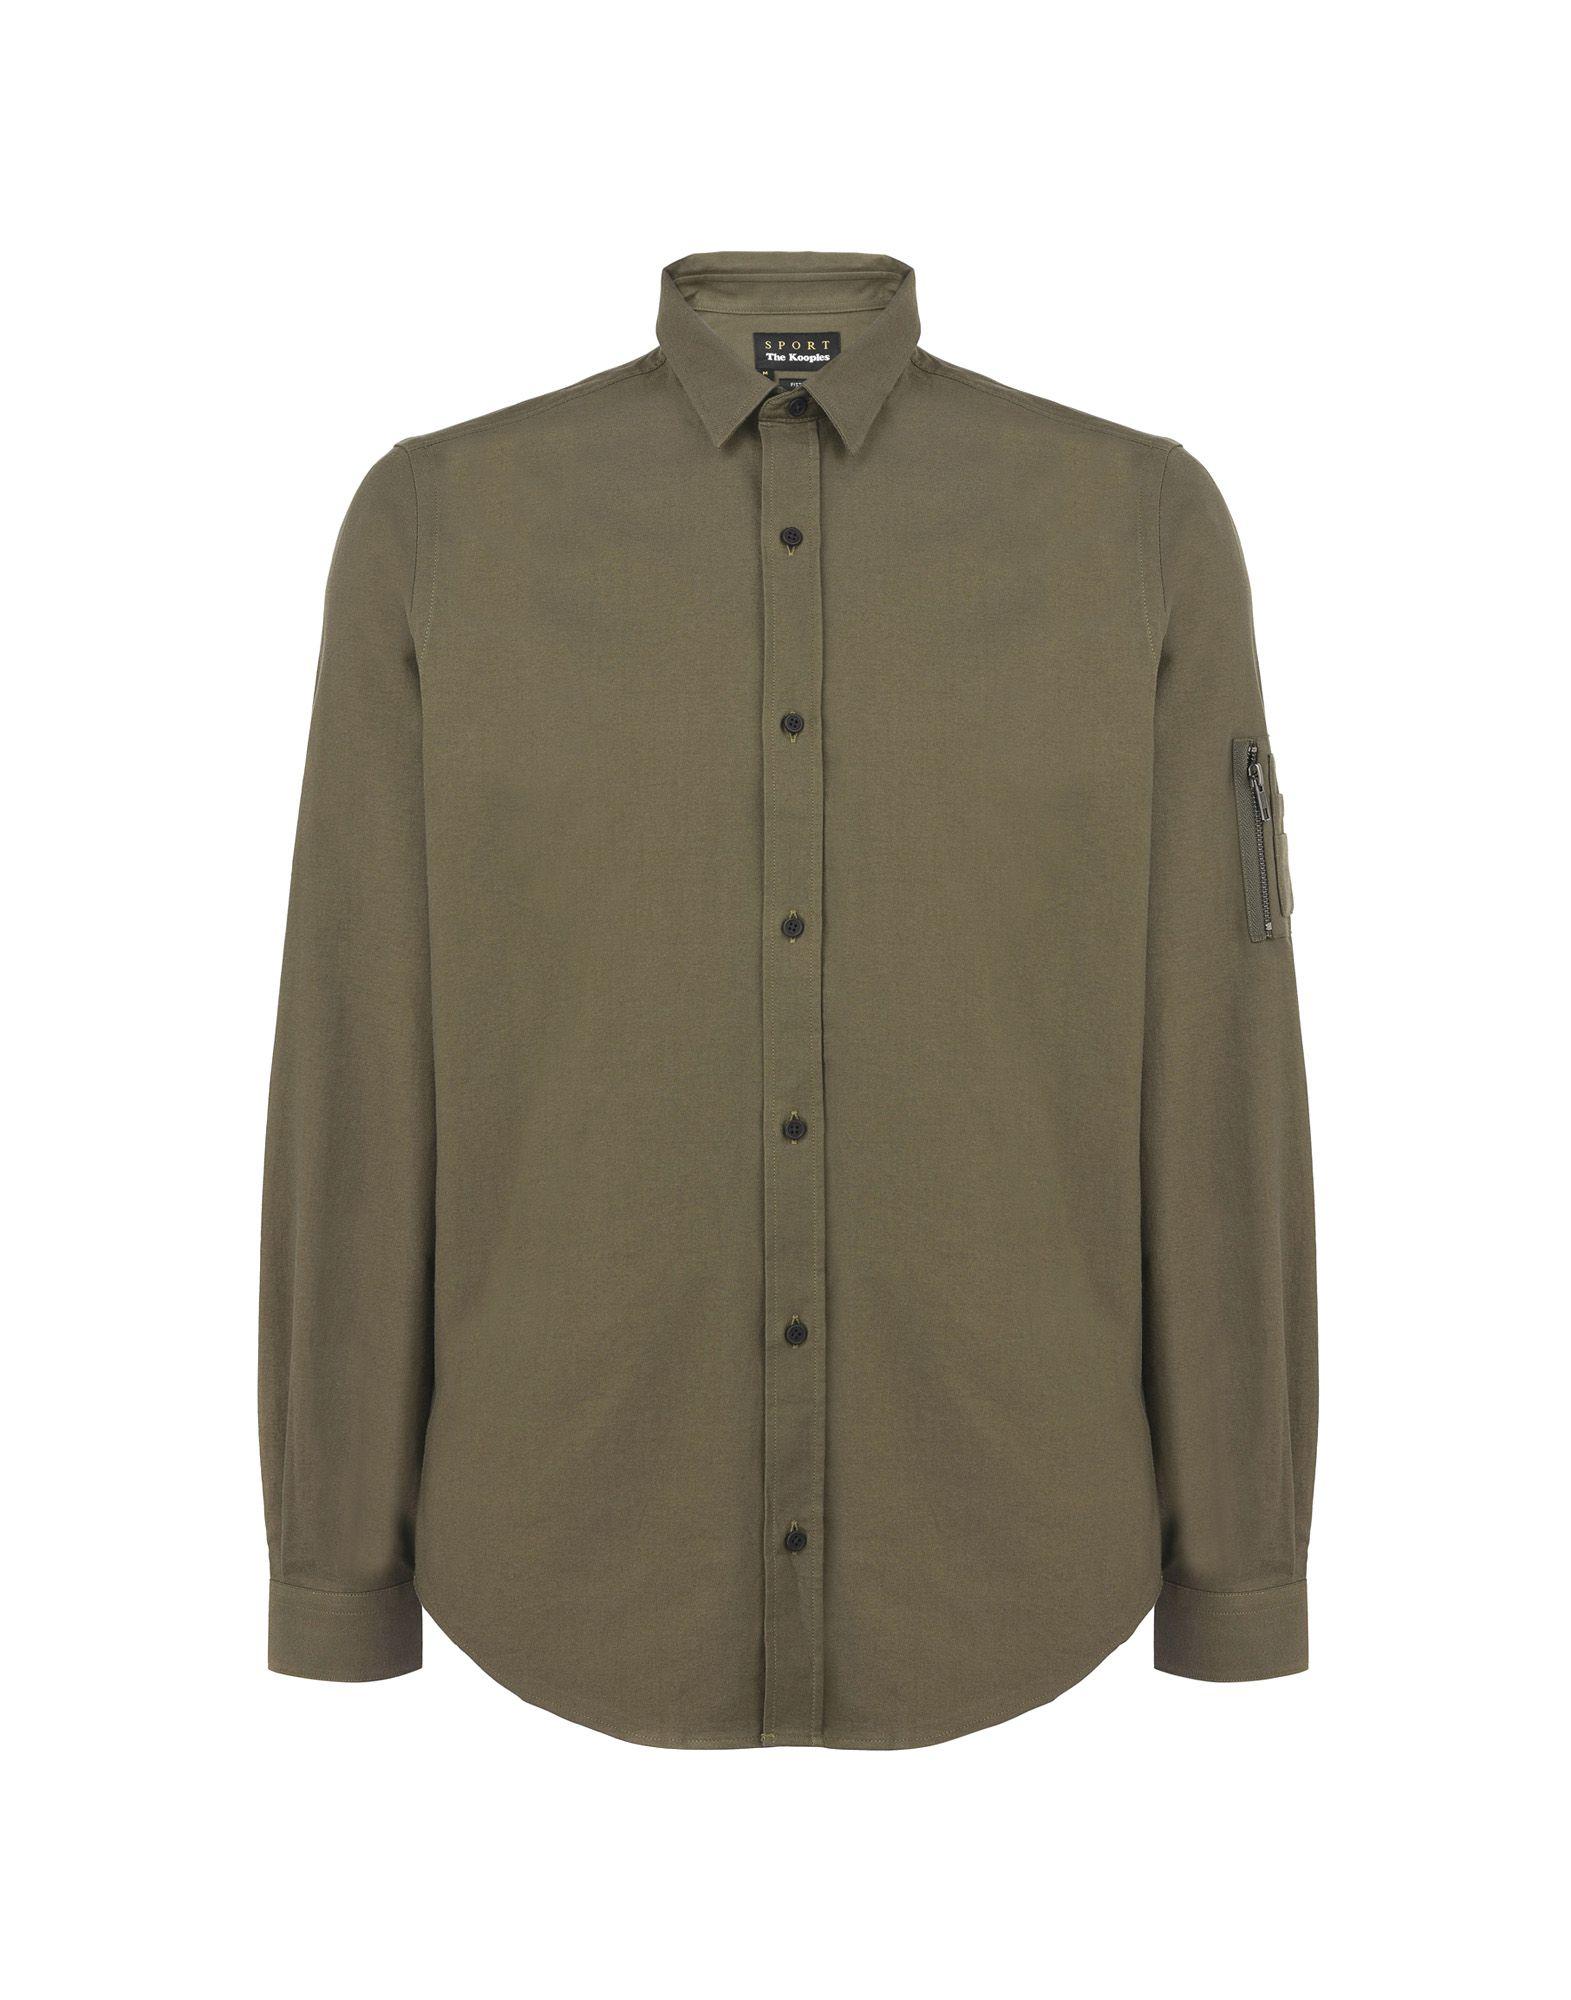 《送料無料》THE KOOPLES SPORT メンズ シャツ ミリタリーグリーン S コットン 100% SHIRT WITH A CLASSIC COLLAR AND CHEST POCKETS